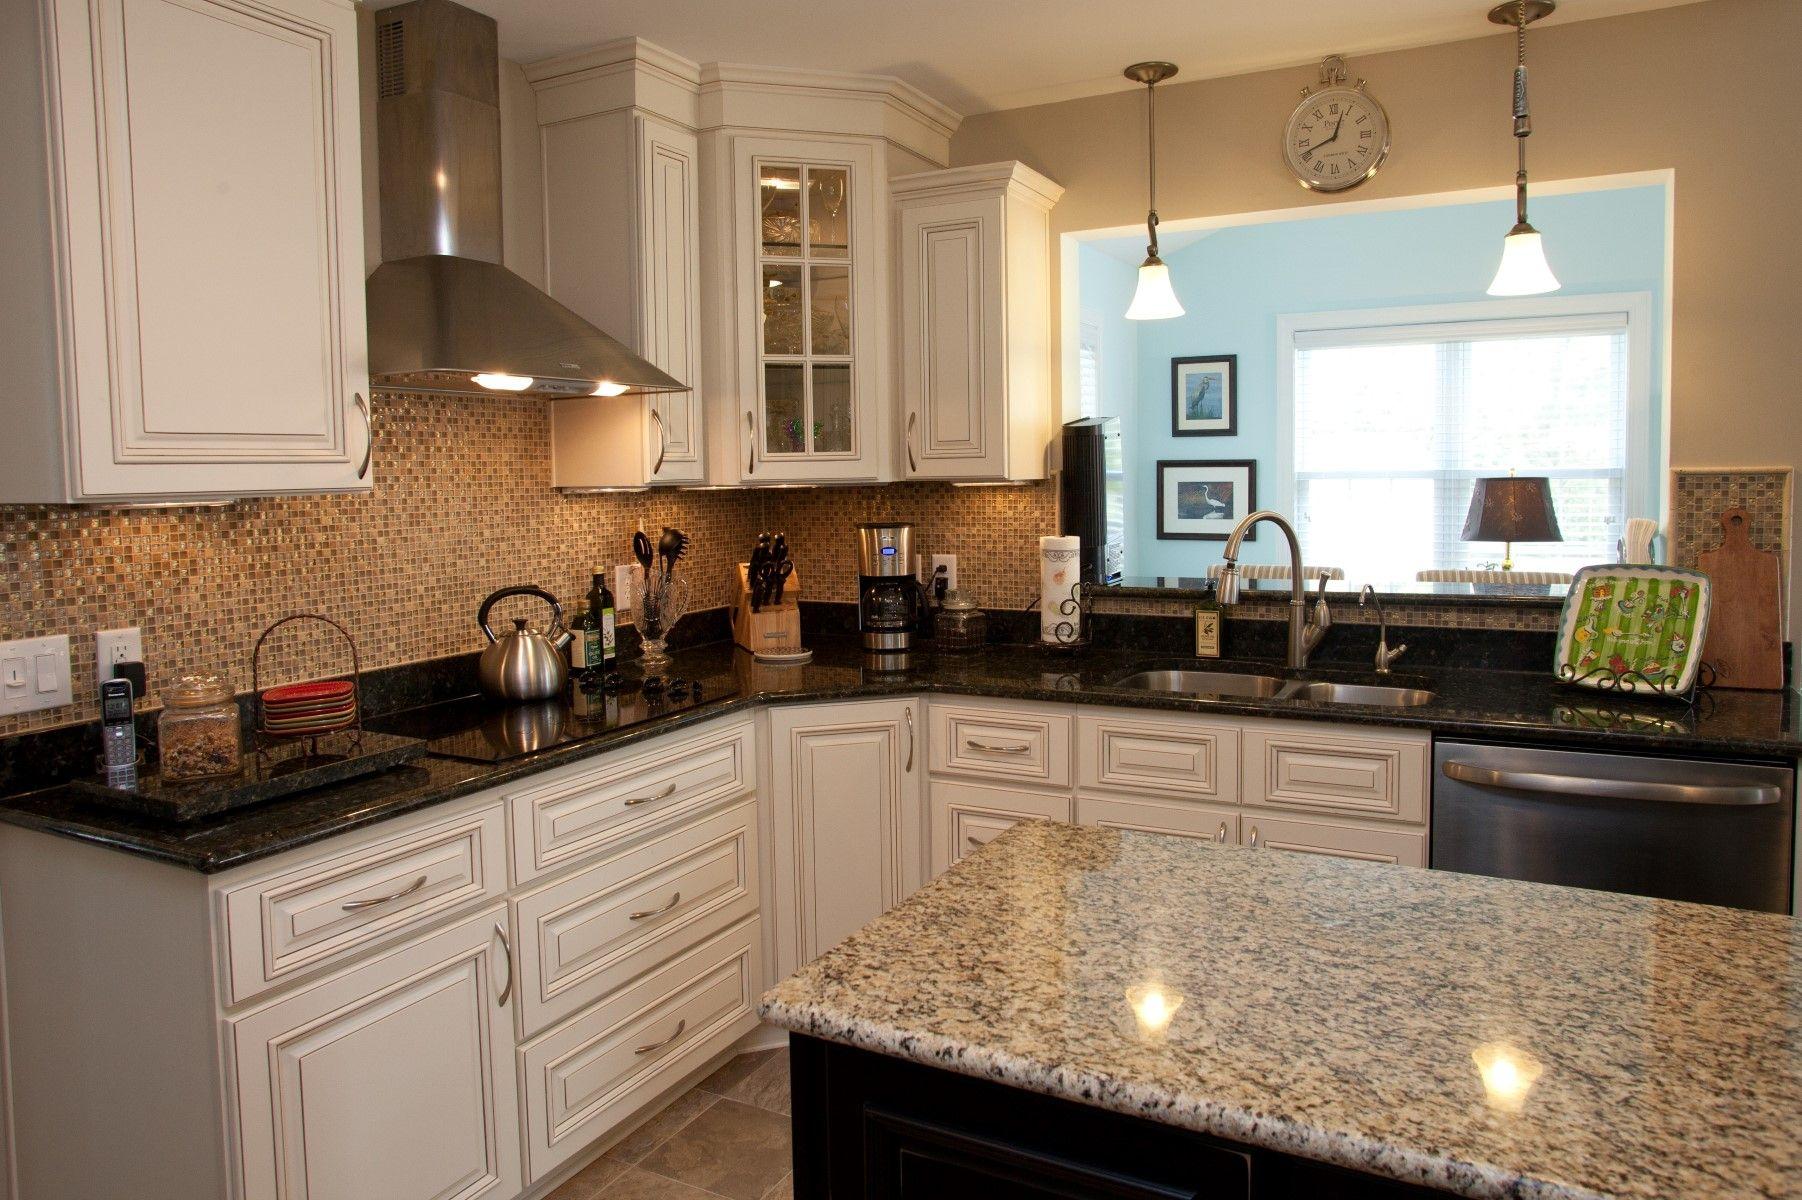 White Granite Tile Countertops Colors Idea On The Kitchen